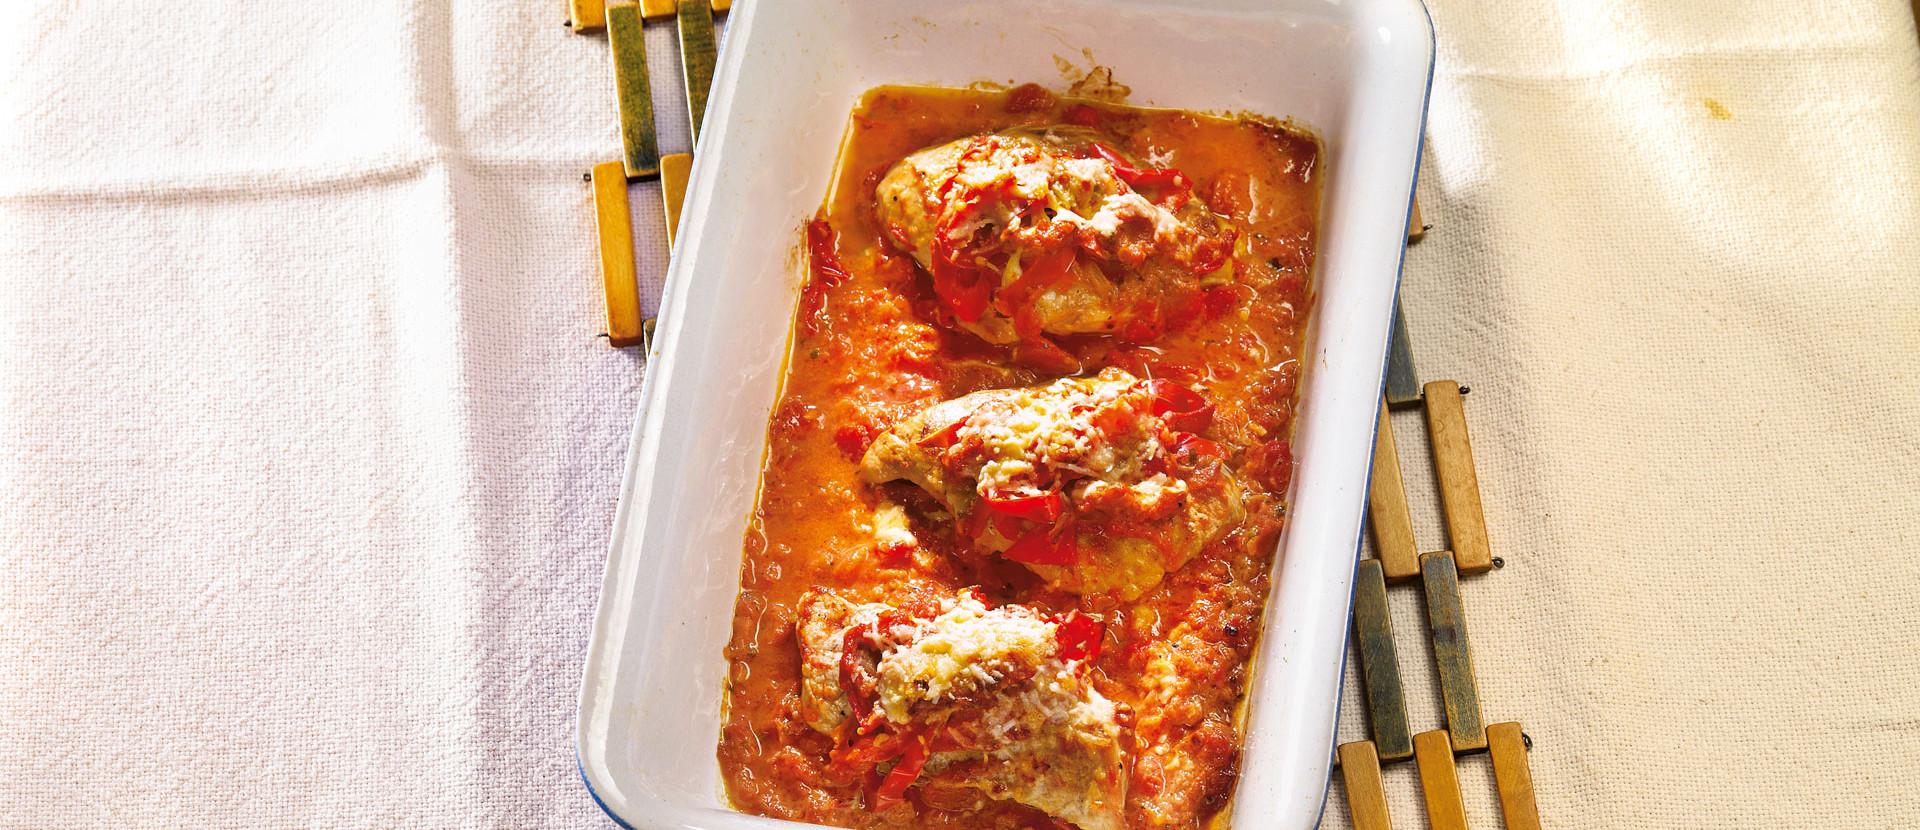 Pikante Schnitzel aus dem Ofen